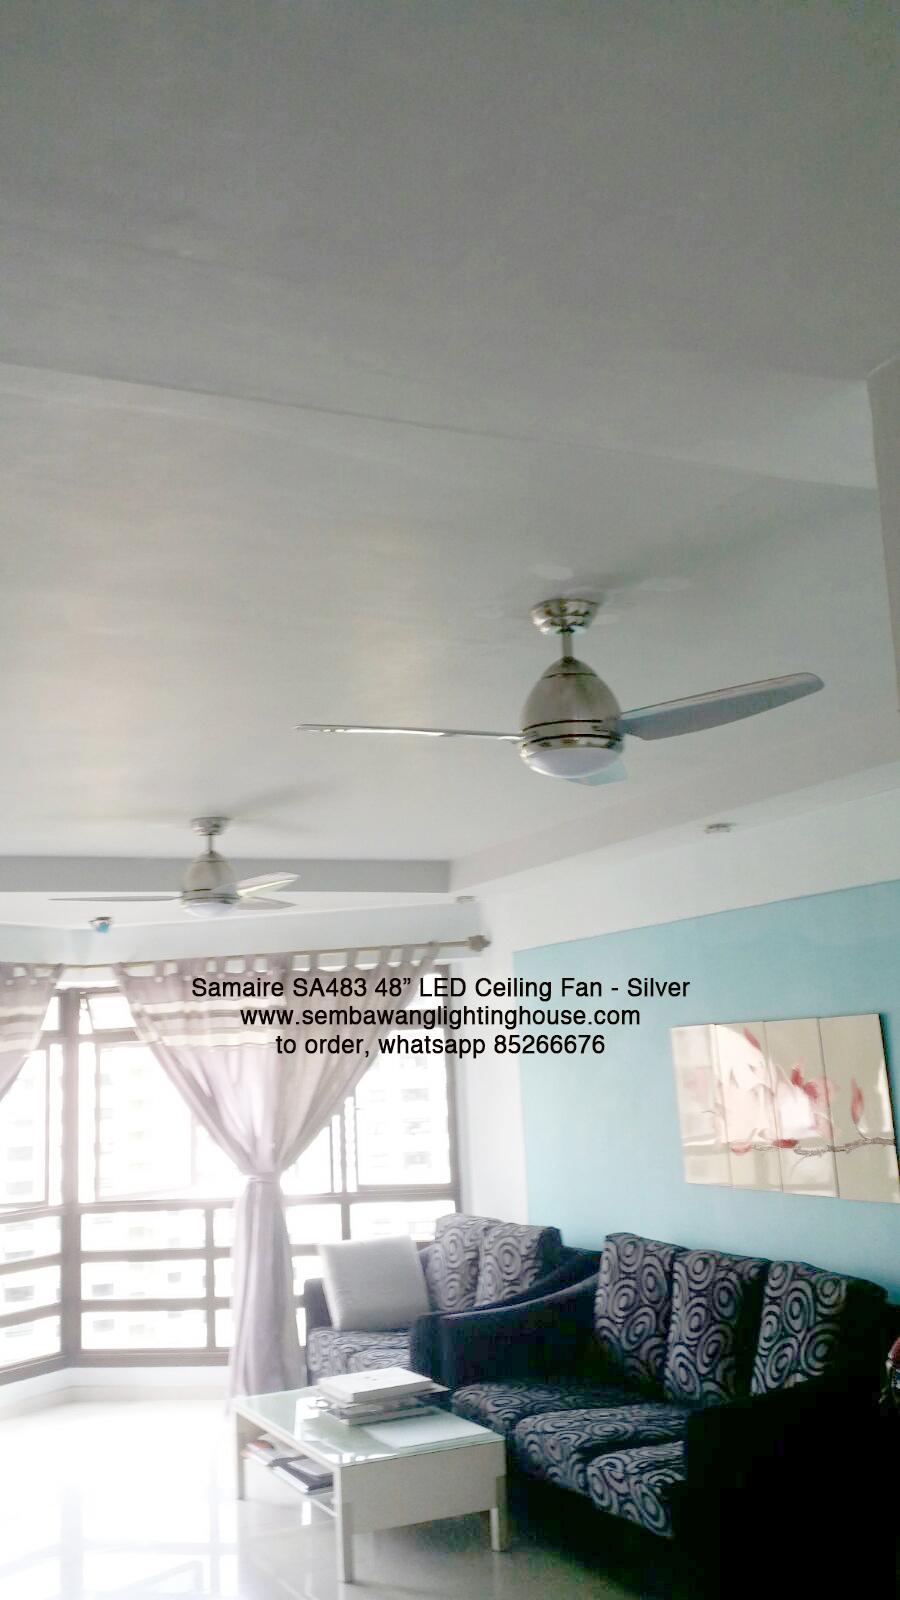 sample04-samaire-sa483-led-ceiling-fan-silver-sembawang-lighting-house.jpg